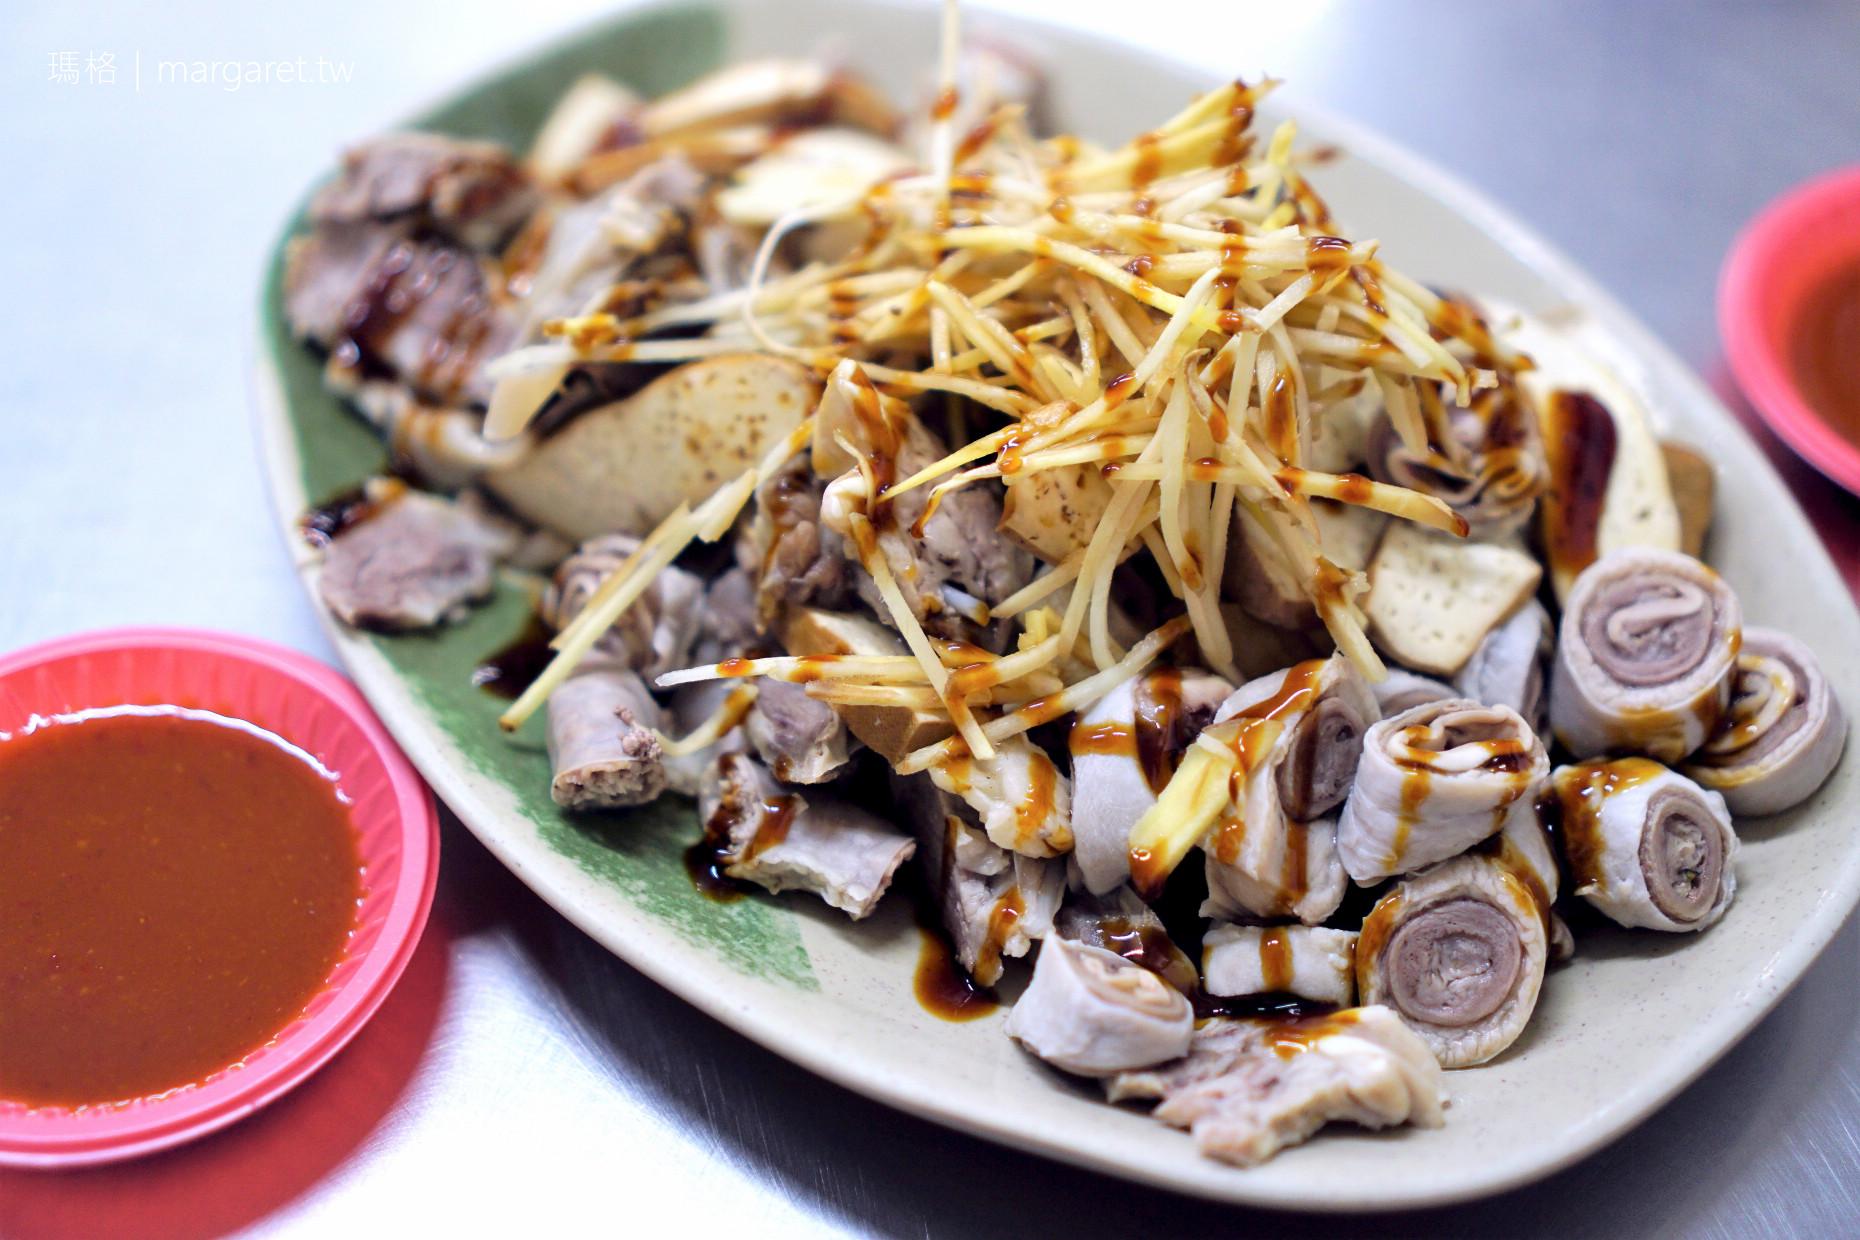 傳統美食玉里麵老字號。阿森麵店|玉里麵到底有什麼特別?